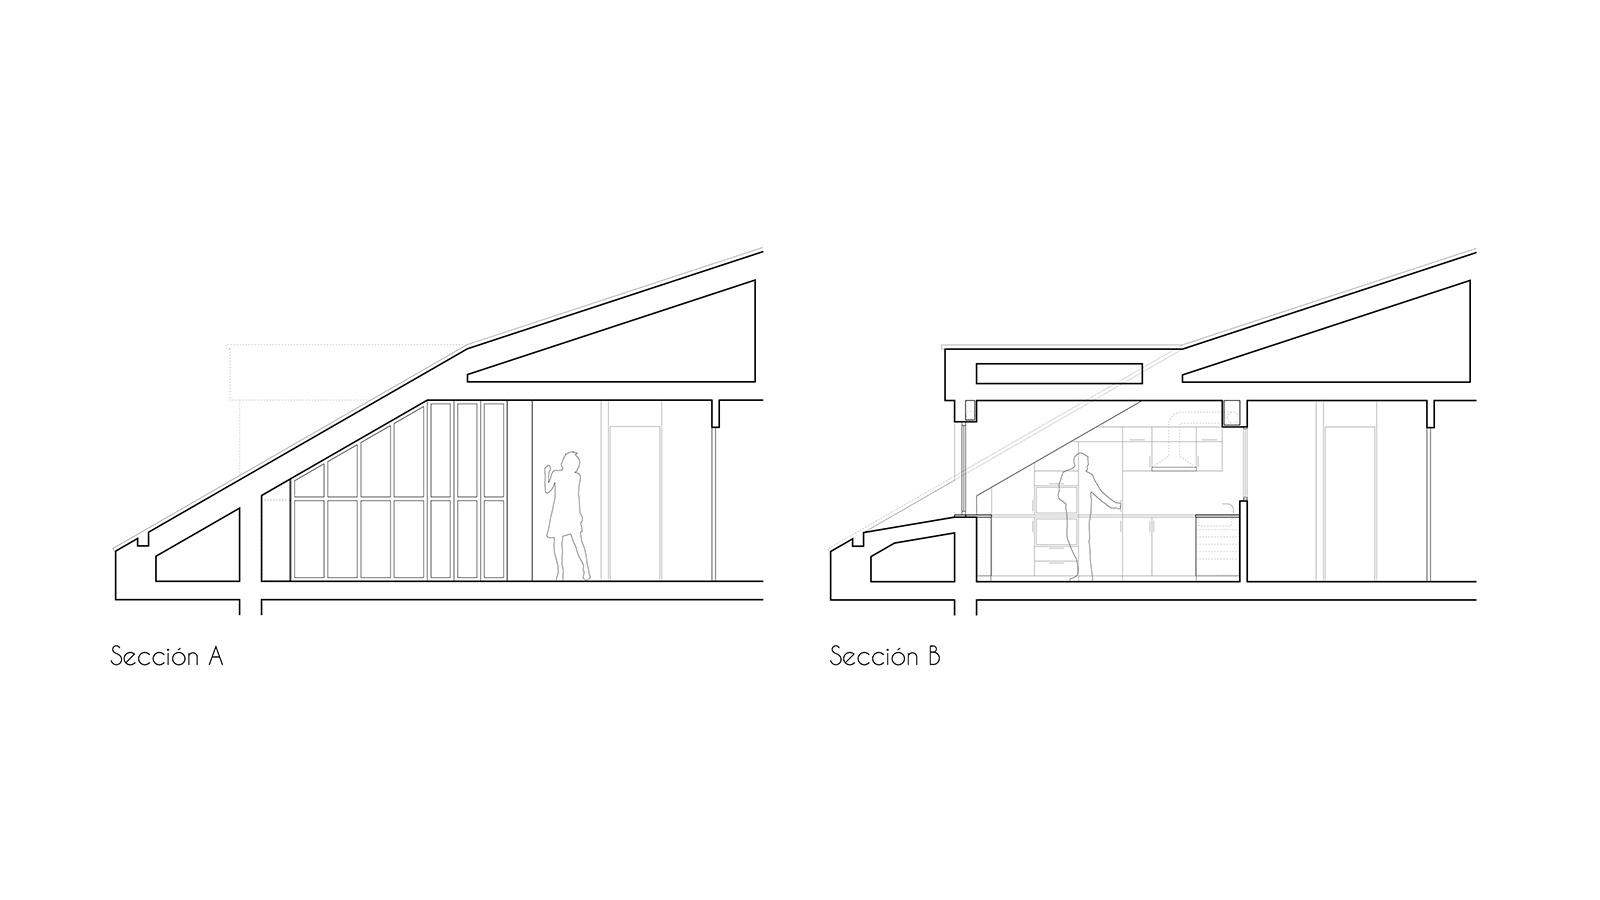 Reforma vivienda EA. Secciones